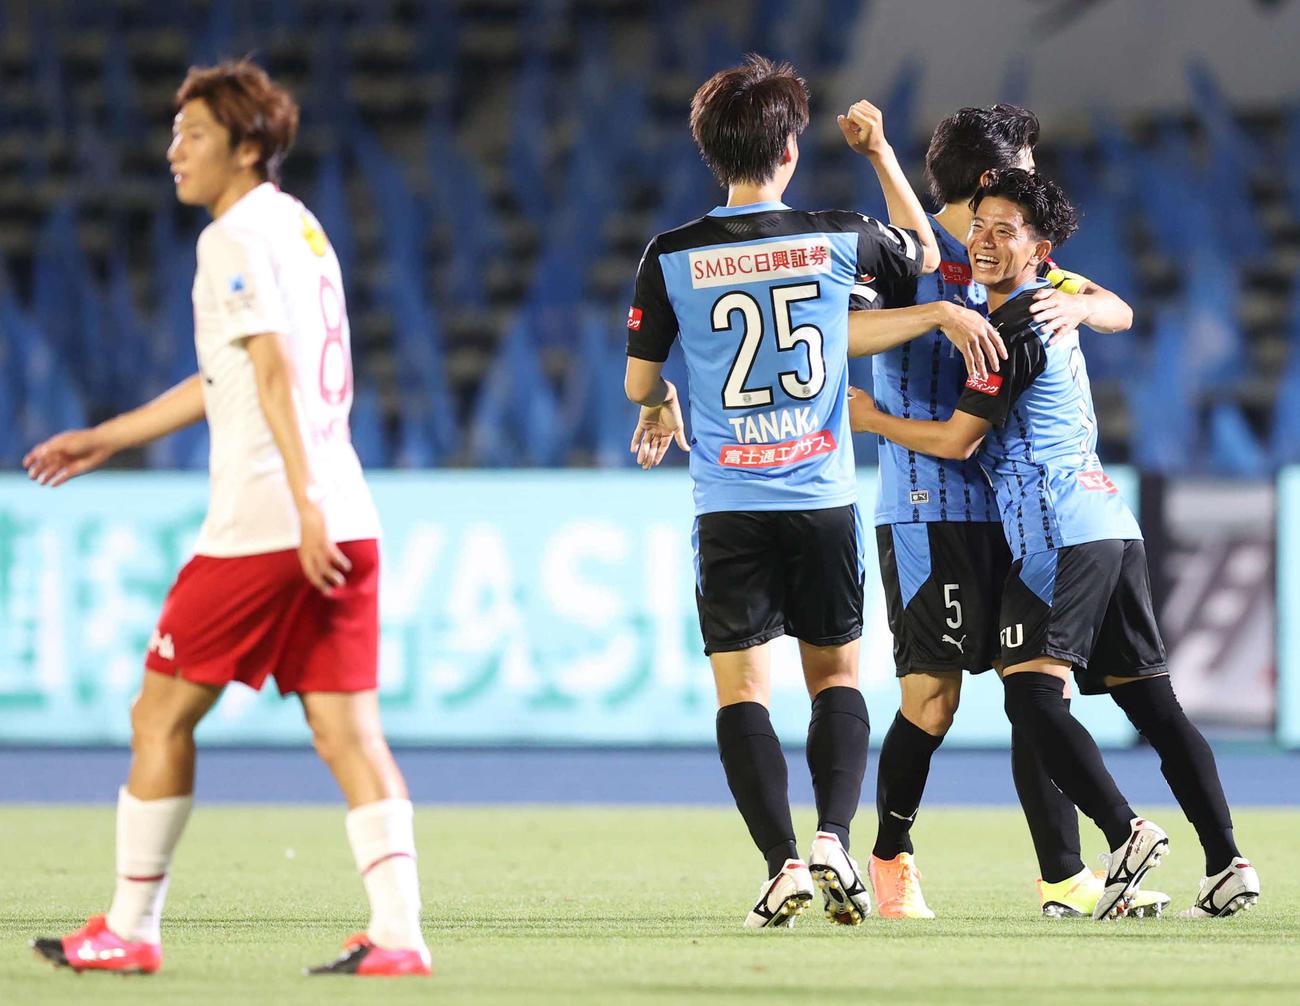 4日の川崎F戦、2点目のゴールを川崎F長谷川(右)に決められる